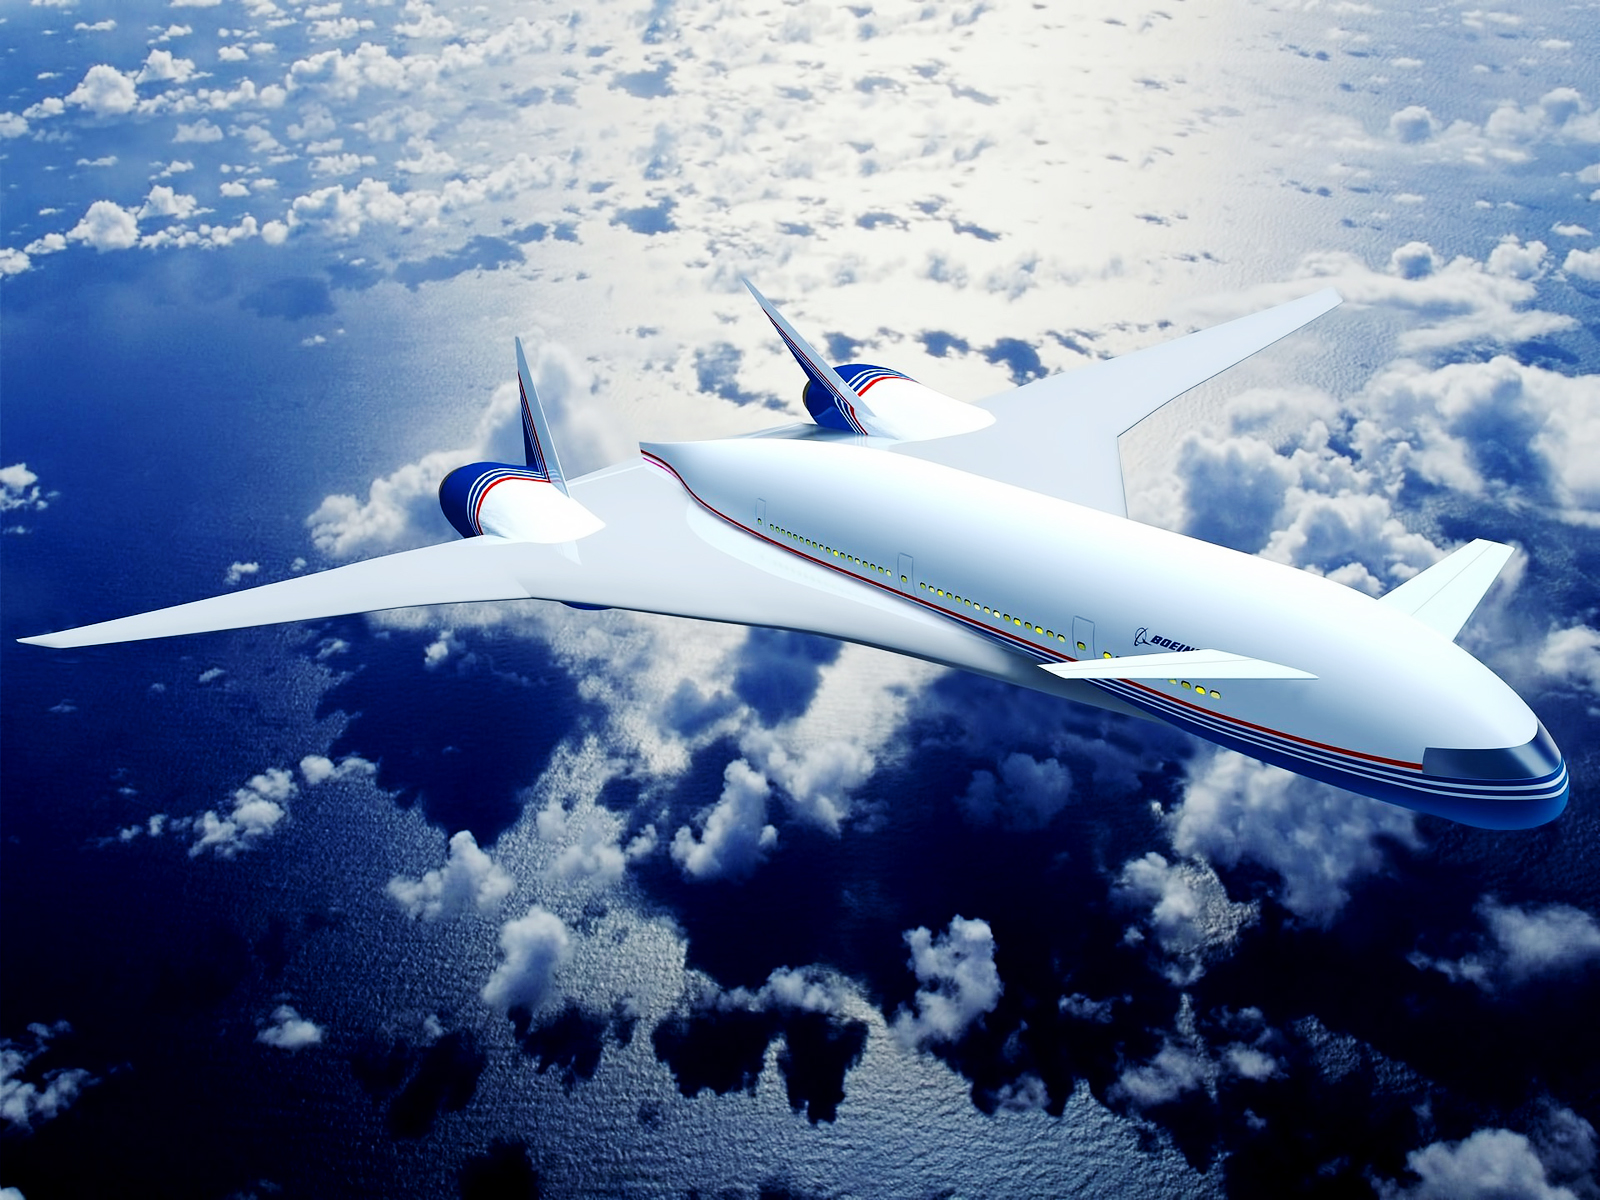 http://2.bp.blogspot.com/-PmPcEcxPhZw/TyrRTb97_1I/AAAAAAAAAg0/YVk1M2WOQEM/s1600/Boeing_Future_Plane_3D_Model_Clouds_HD_Wallpaper-Vvallpaper.Net.jpg